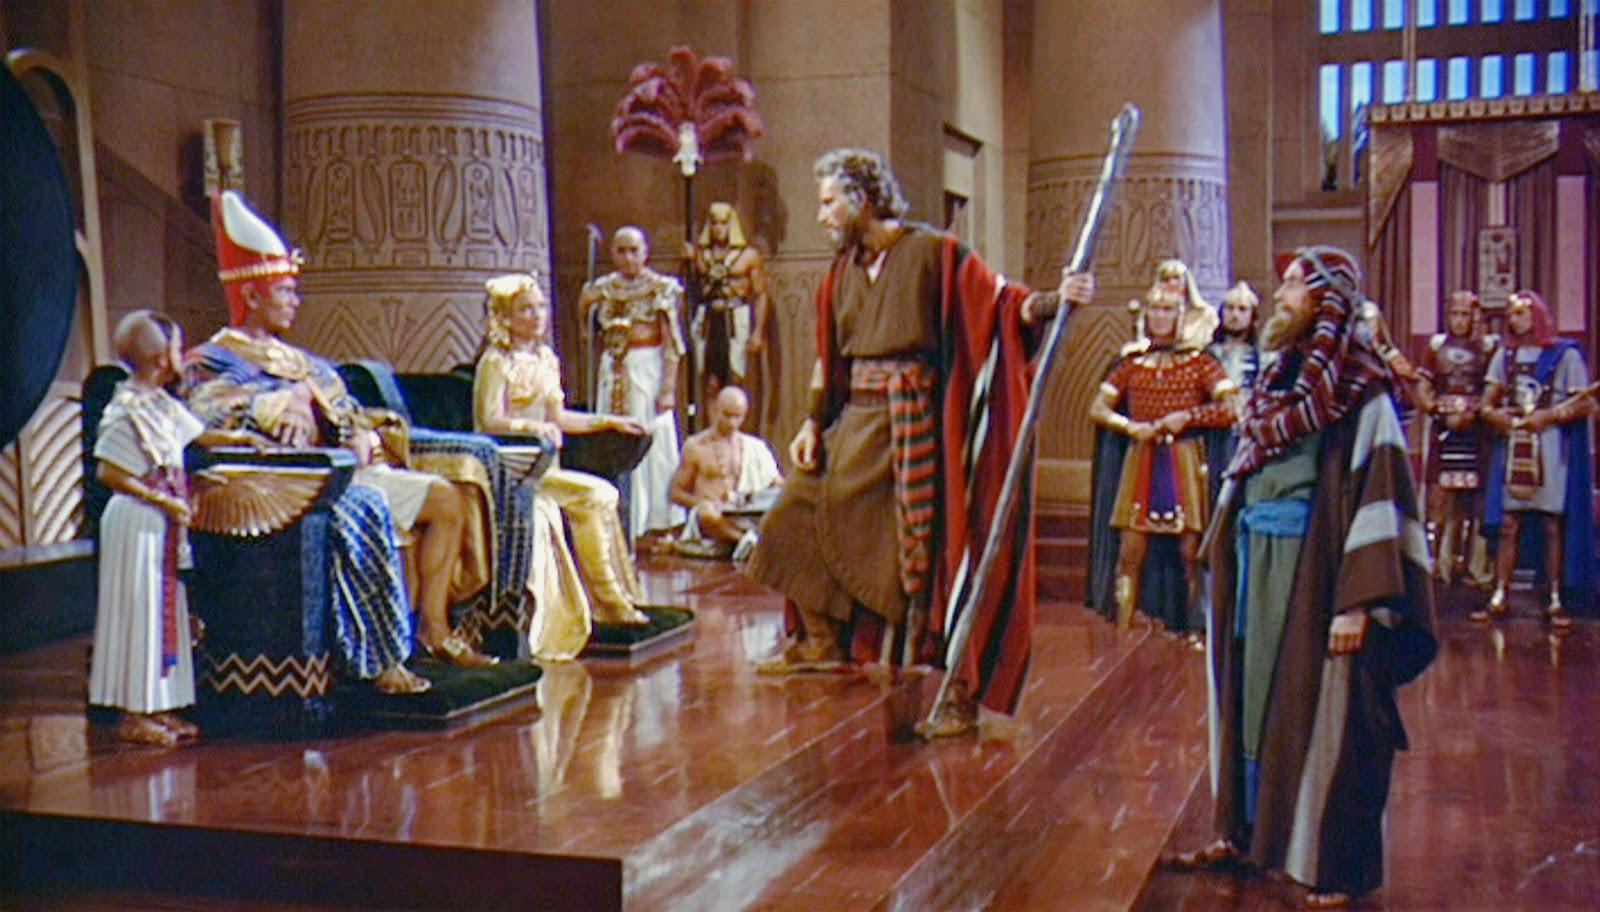 De ce Dumnezeu a împietrit inima lui Faraon?